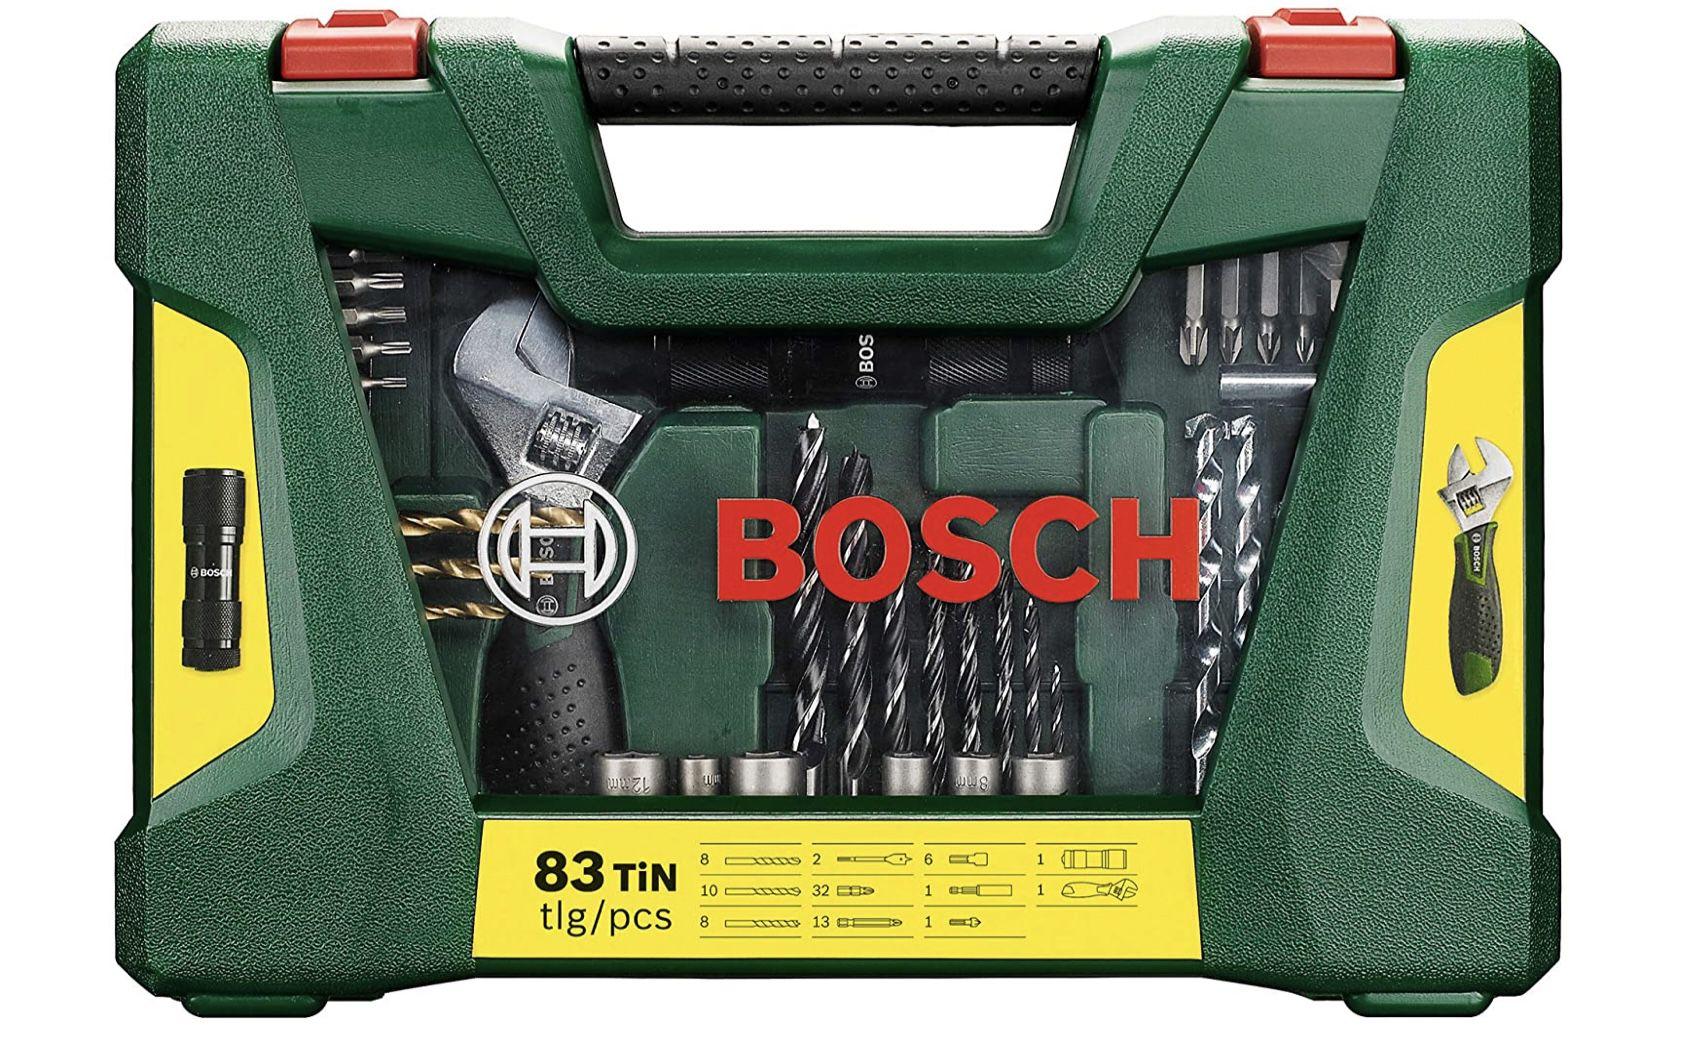 Bosch 83tlg. V Line Titanium Bohrer  und Bit Set mit LED Taschenlampe und Rollgabelschlüssel für 26,99€ (statt 33€)